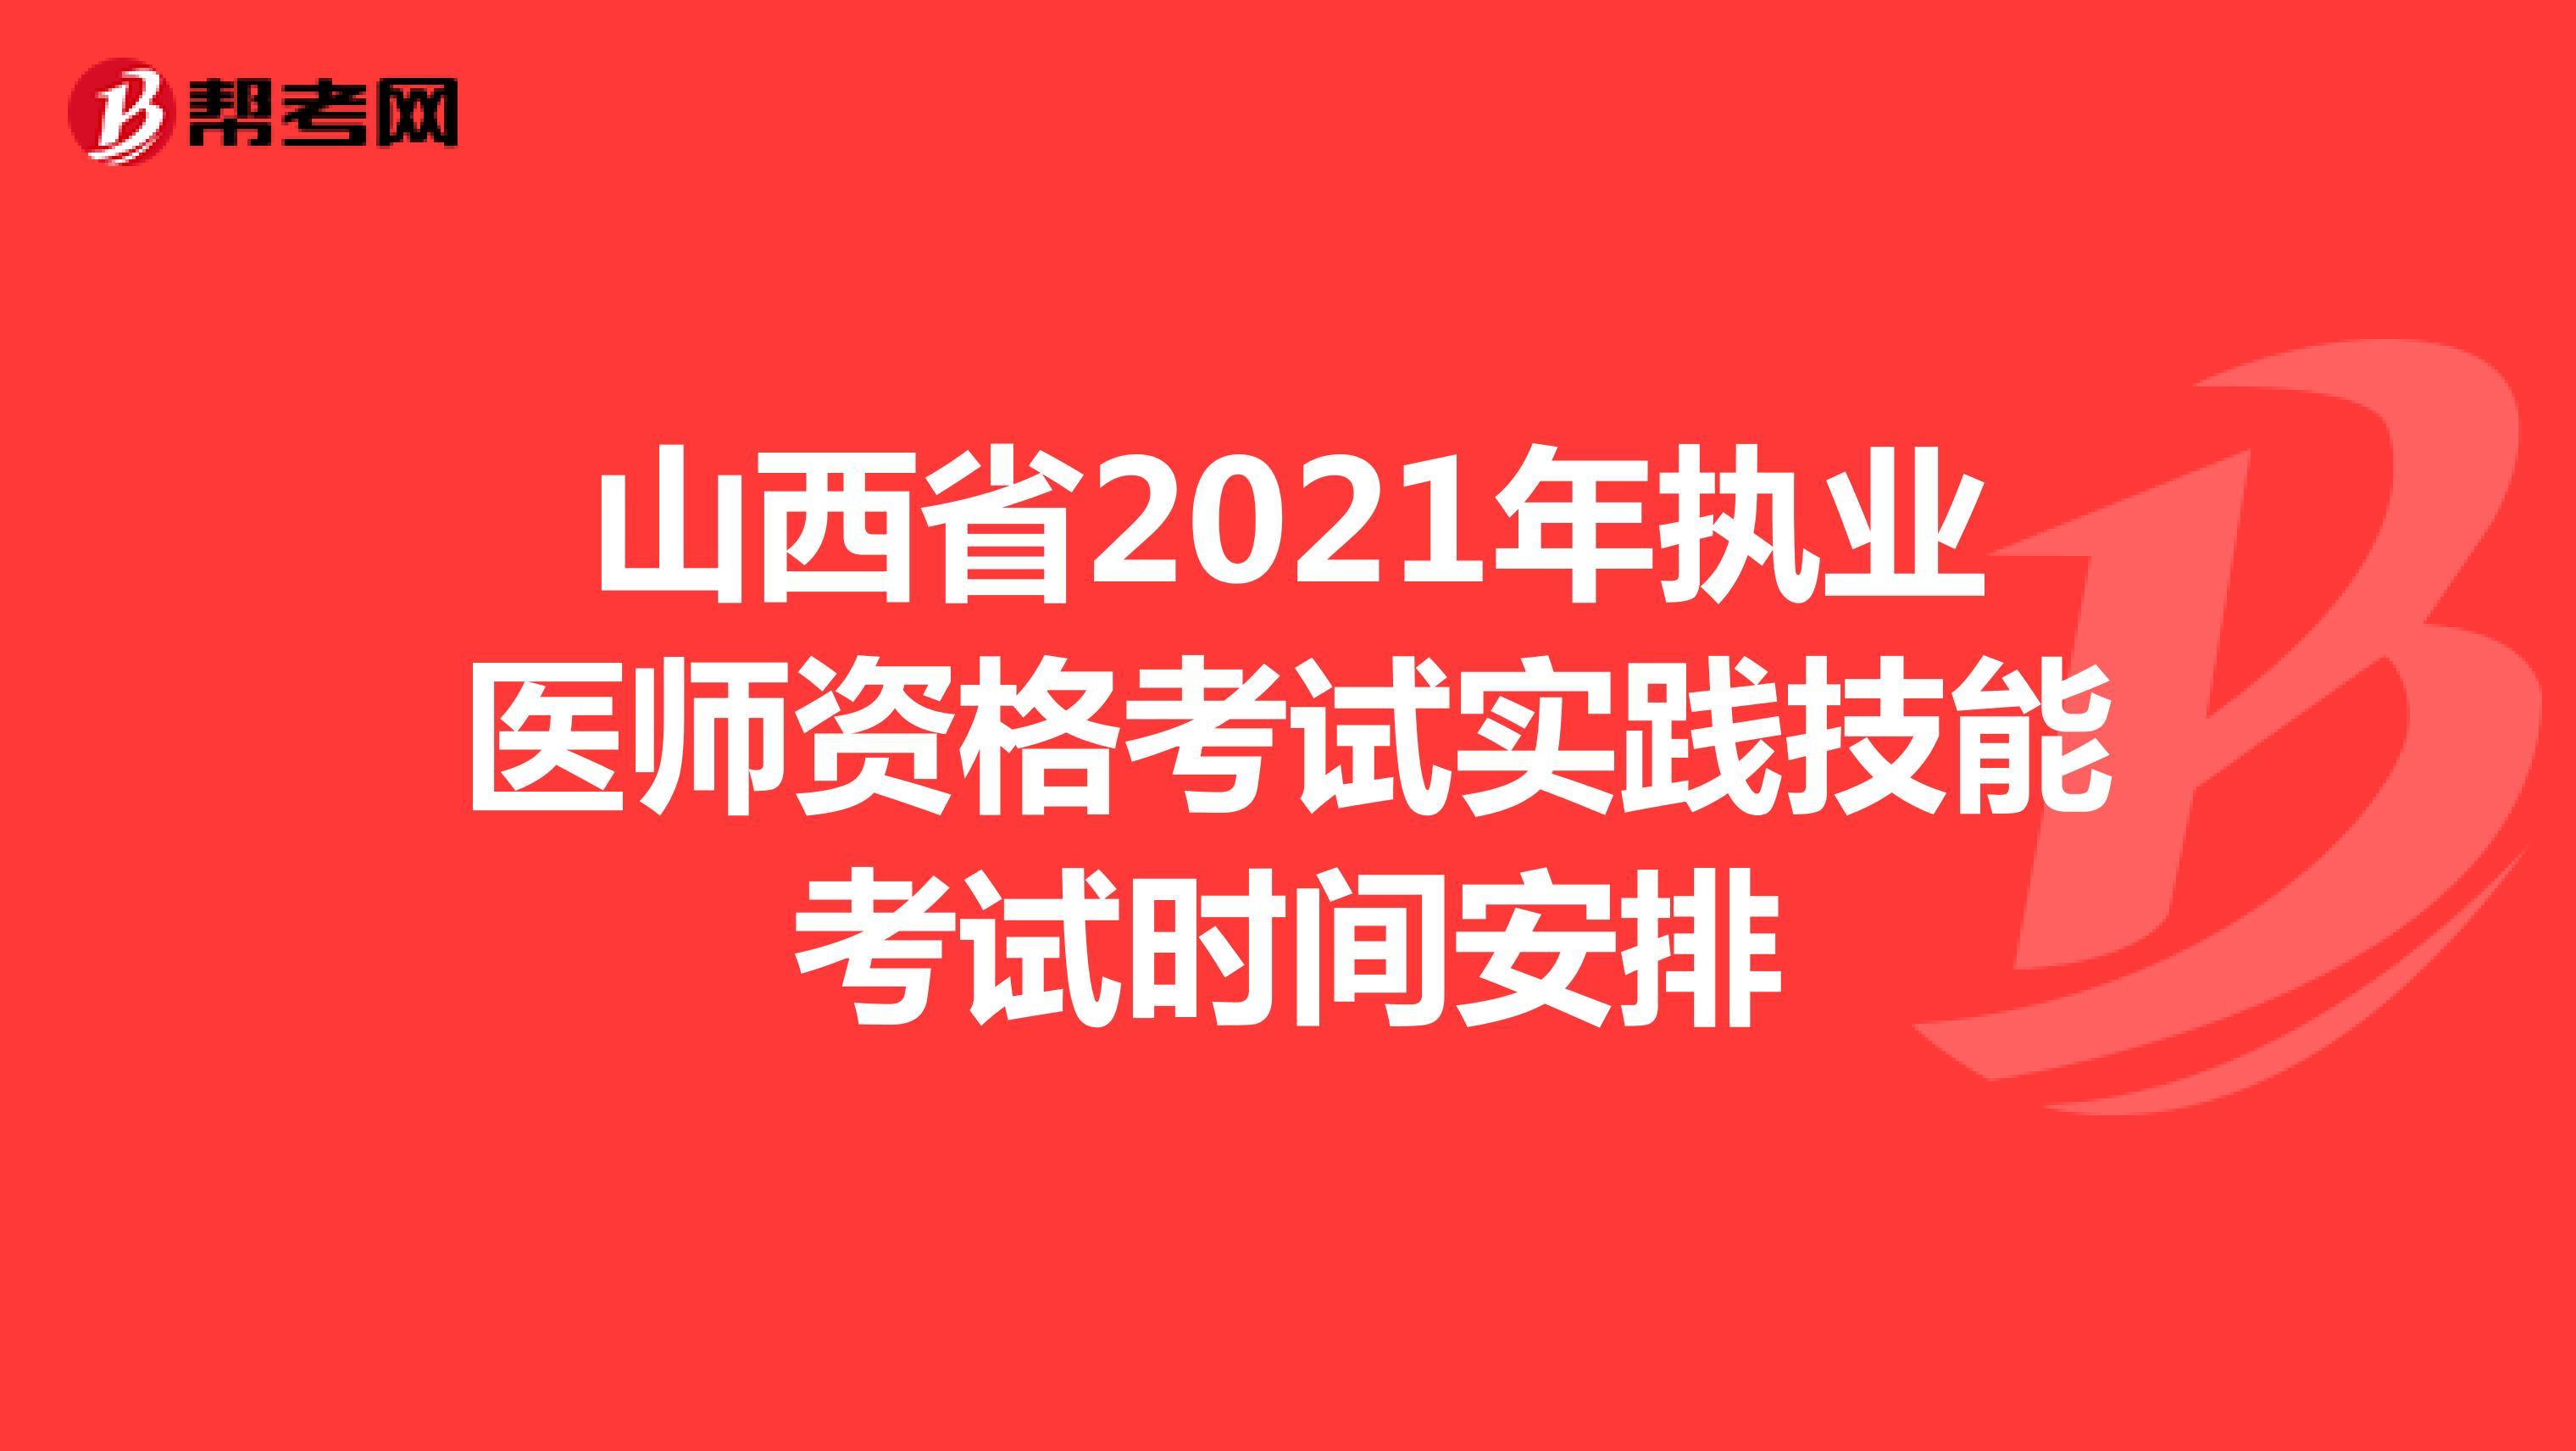 山西省2021年执业医师资格考试实践技能考试时间安排